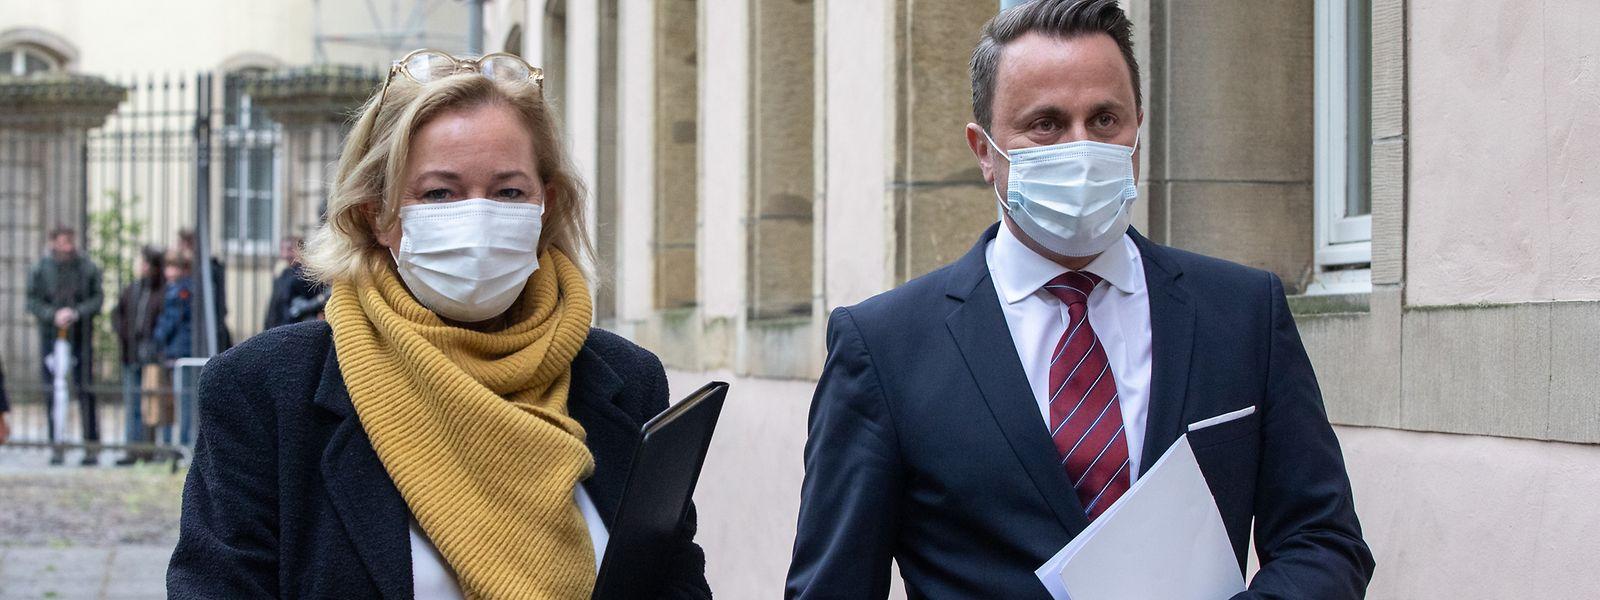 Gesundheitsministerin Lenert und Premier Bettel kündigten am Mittwoch einige Lockerungen an. Das Parlament wird in der kommenden Woche darüber abstimmen.